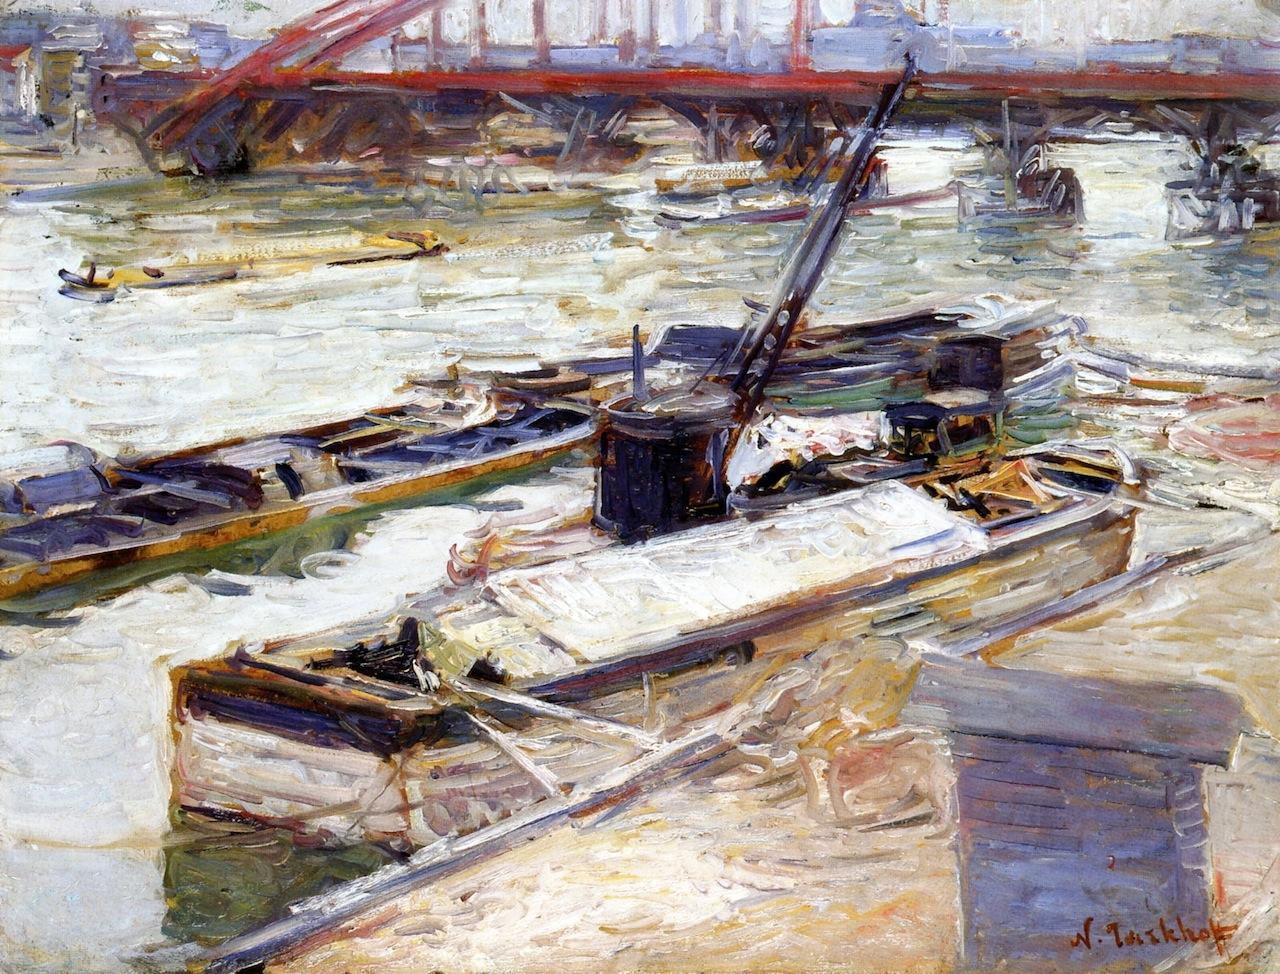 Ships on the Seine in Paris